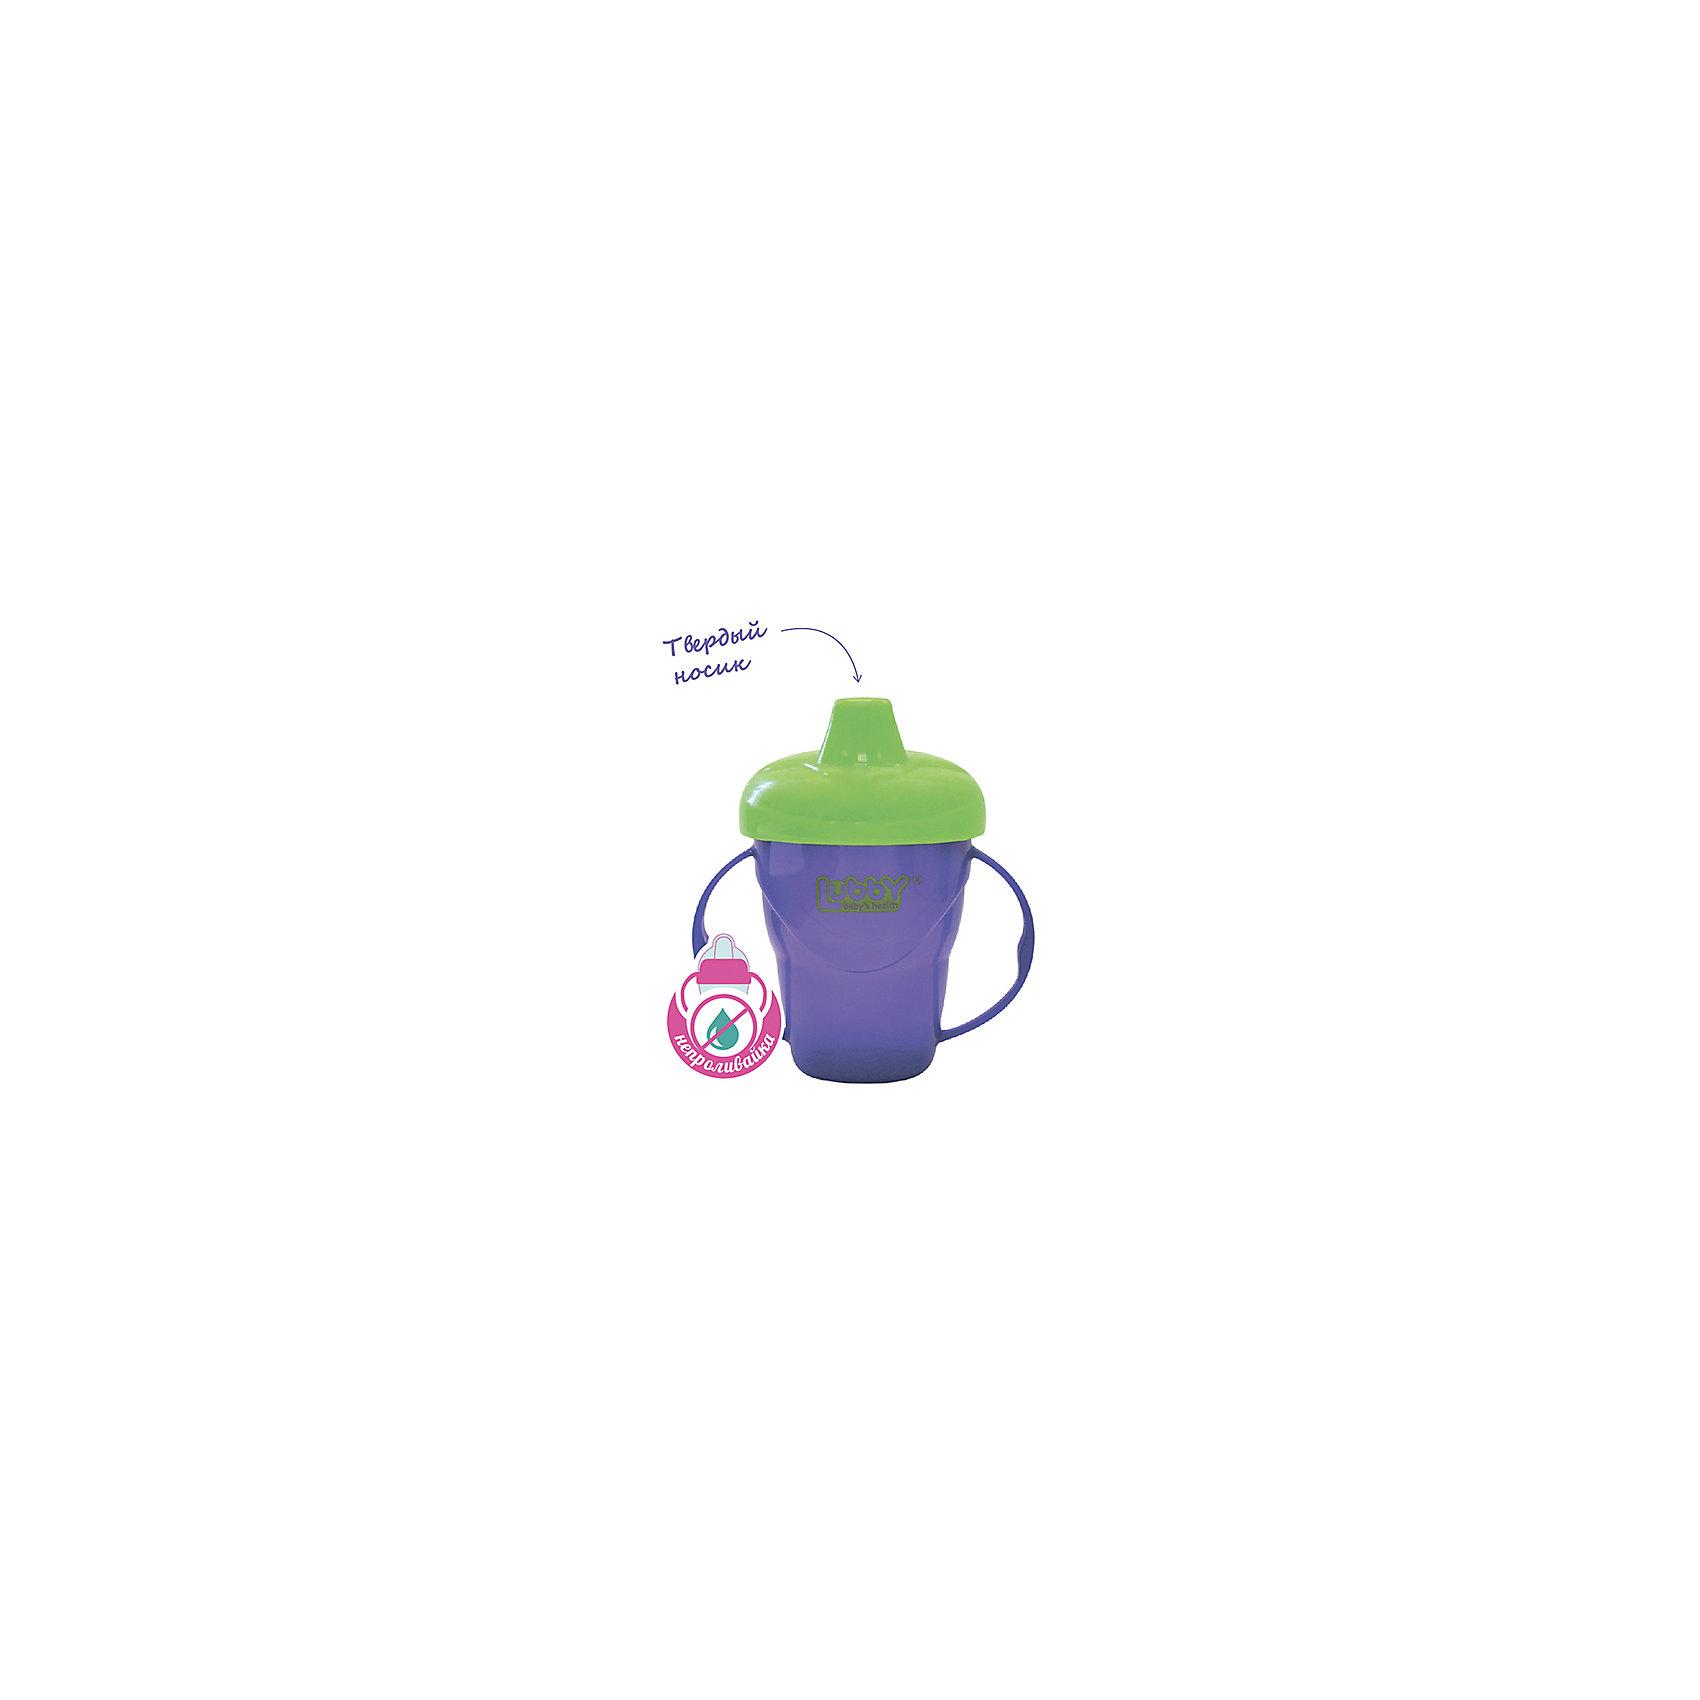 Поильник- непроливайка с ручками Классика от 6 мес. 175 мл., LUBBY, фиолетовый/зеленый